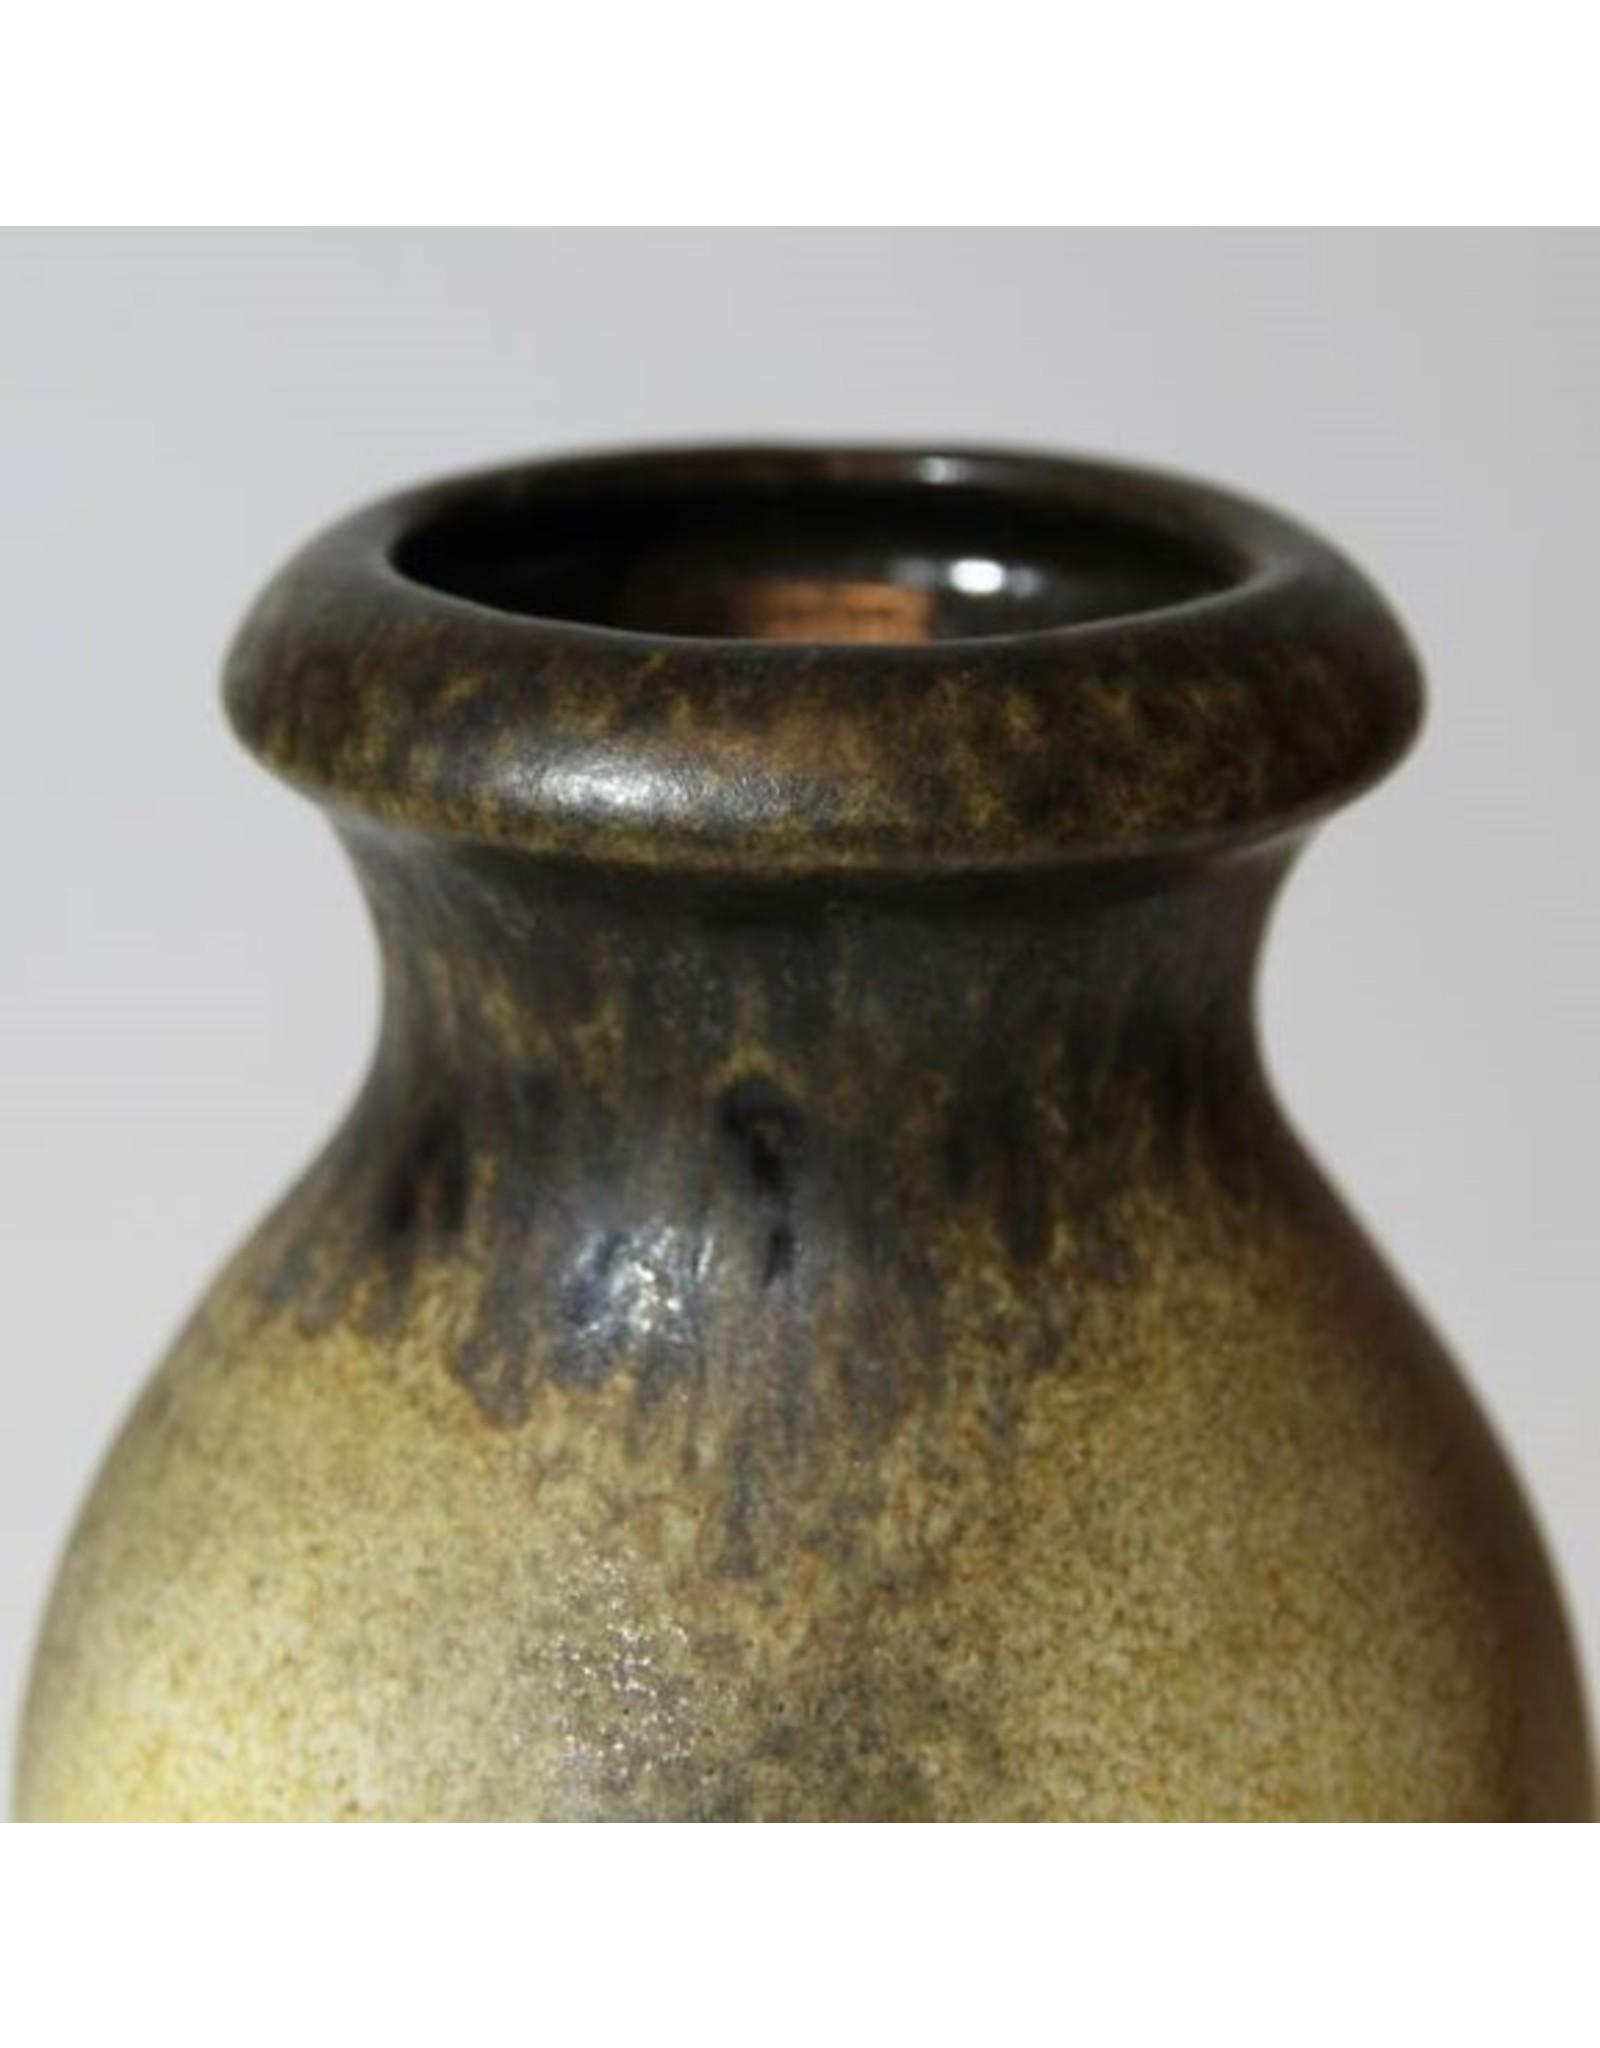 Vase - Scheurich Keramik 523-18 pottery lava mid century